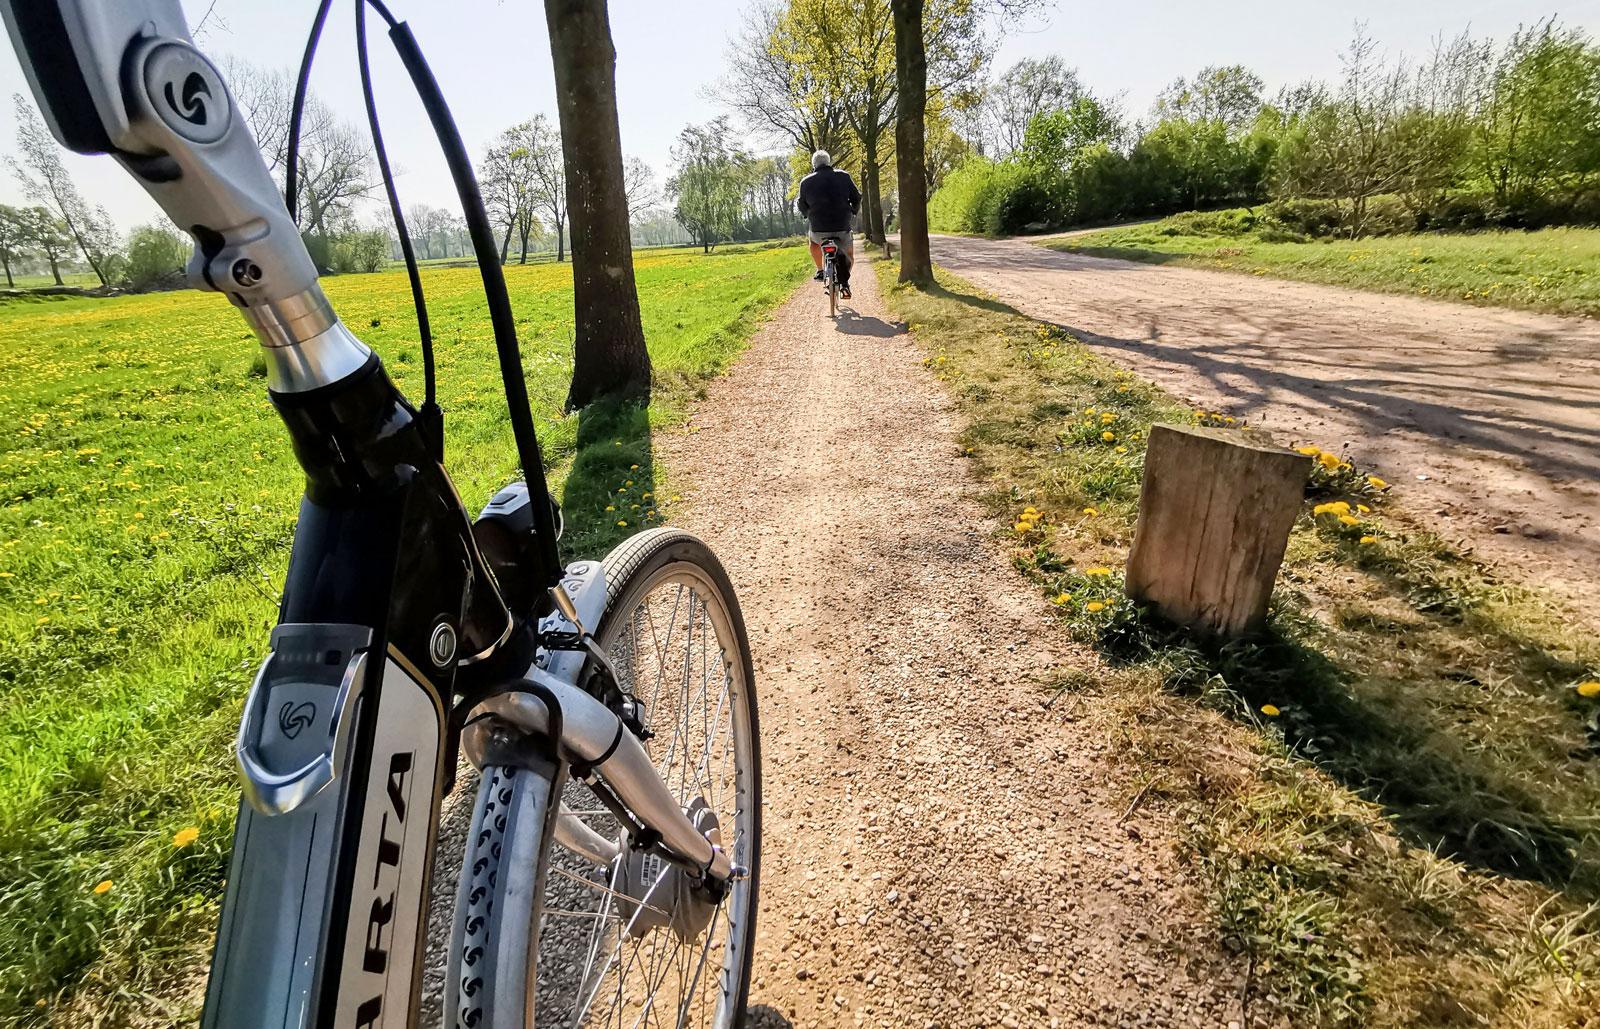 Det är inte bara asfaltsvägar som har en egen separat cykelbana utan även grusvägar. Ofta separerade med allé av träd.